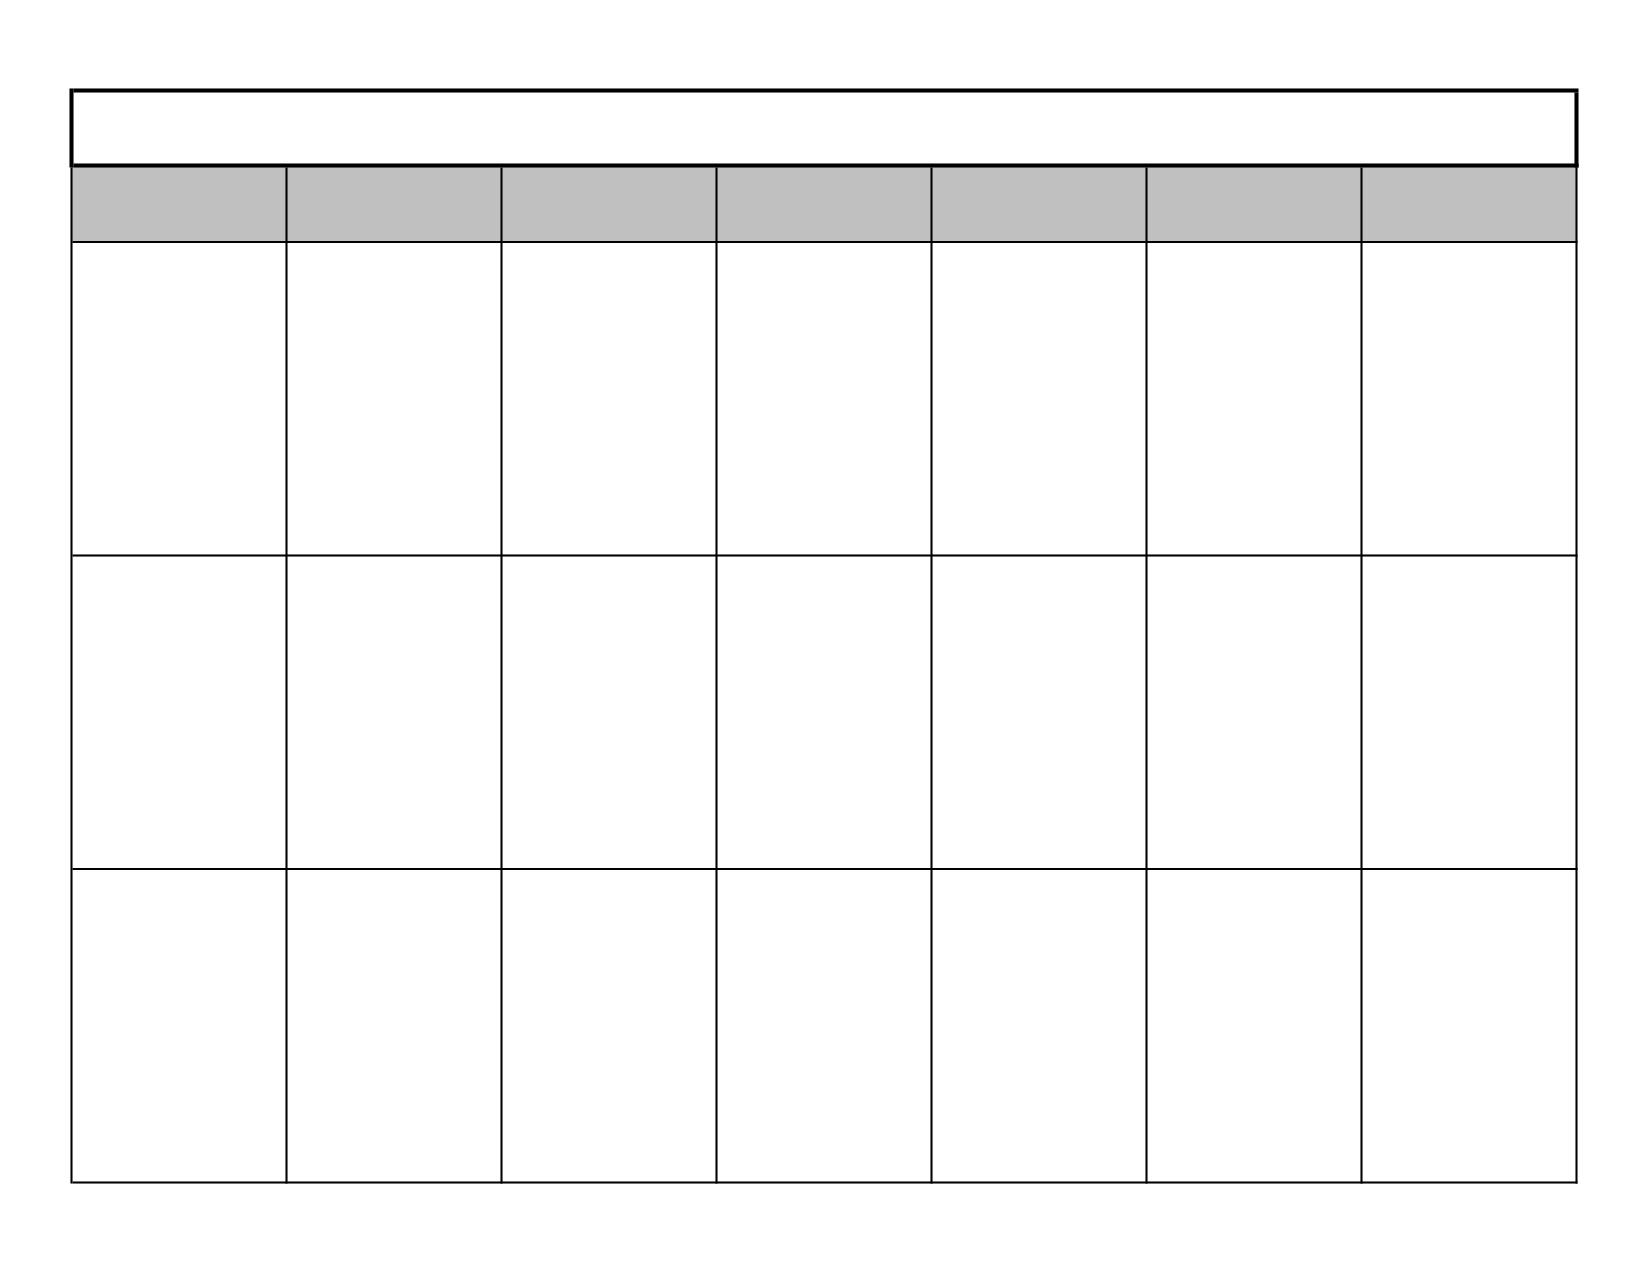 Exceptional 4 Week Calendar Blank • Printable Blank Calendar Template with regard to Blank 4 Week Calendar Printable